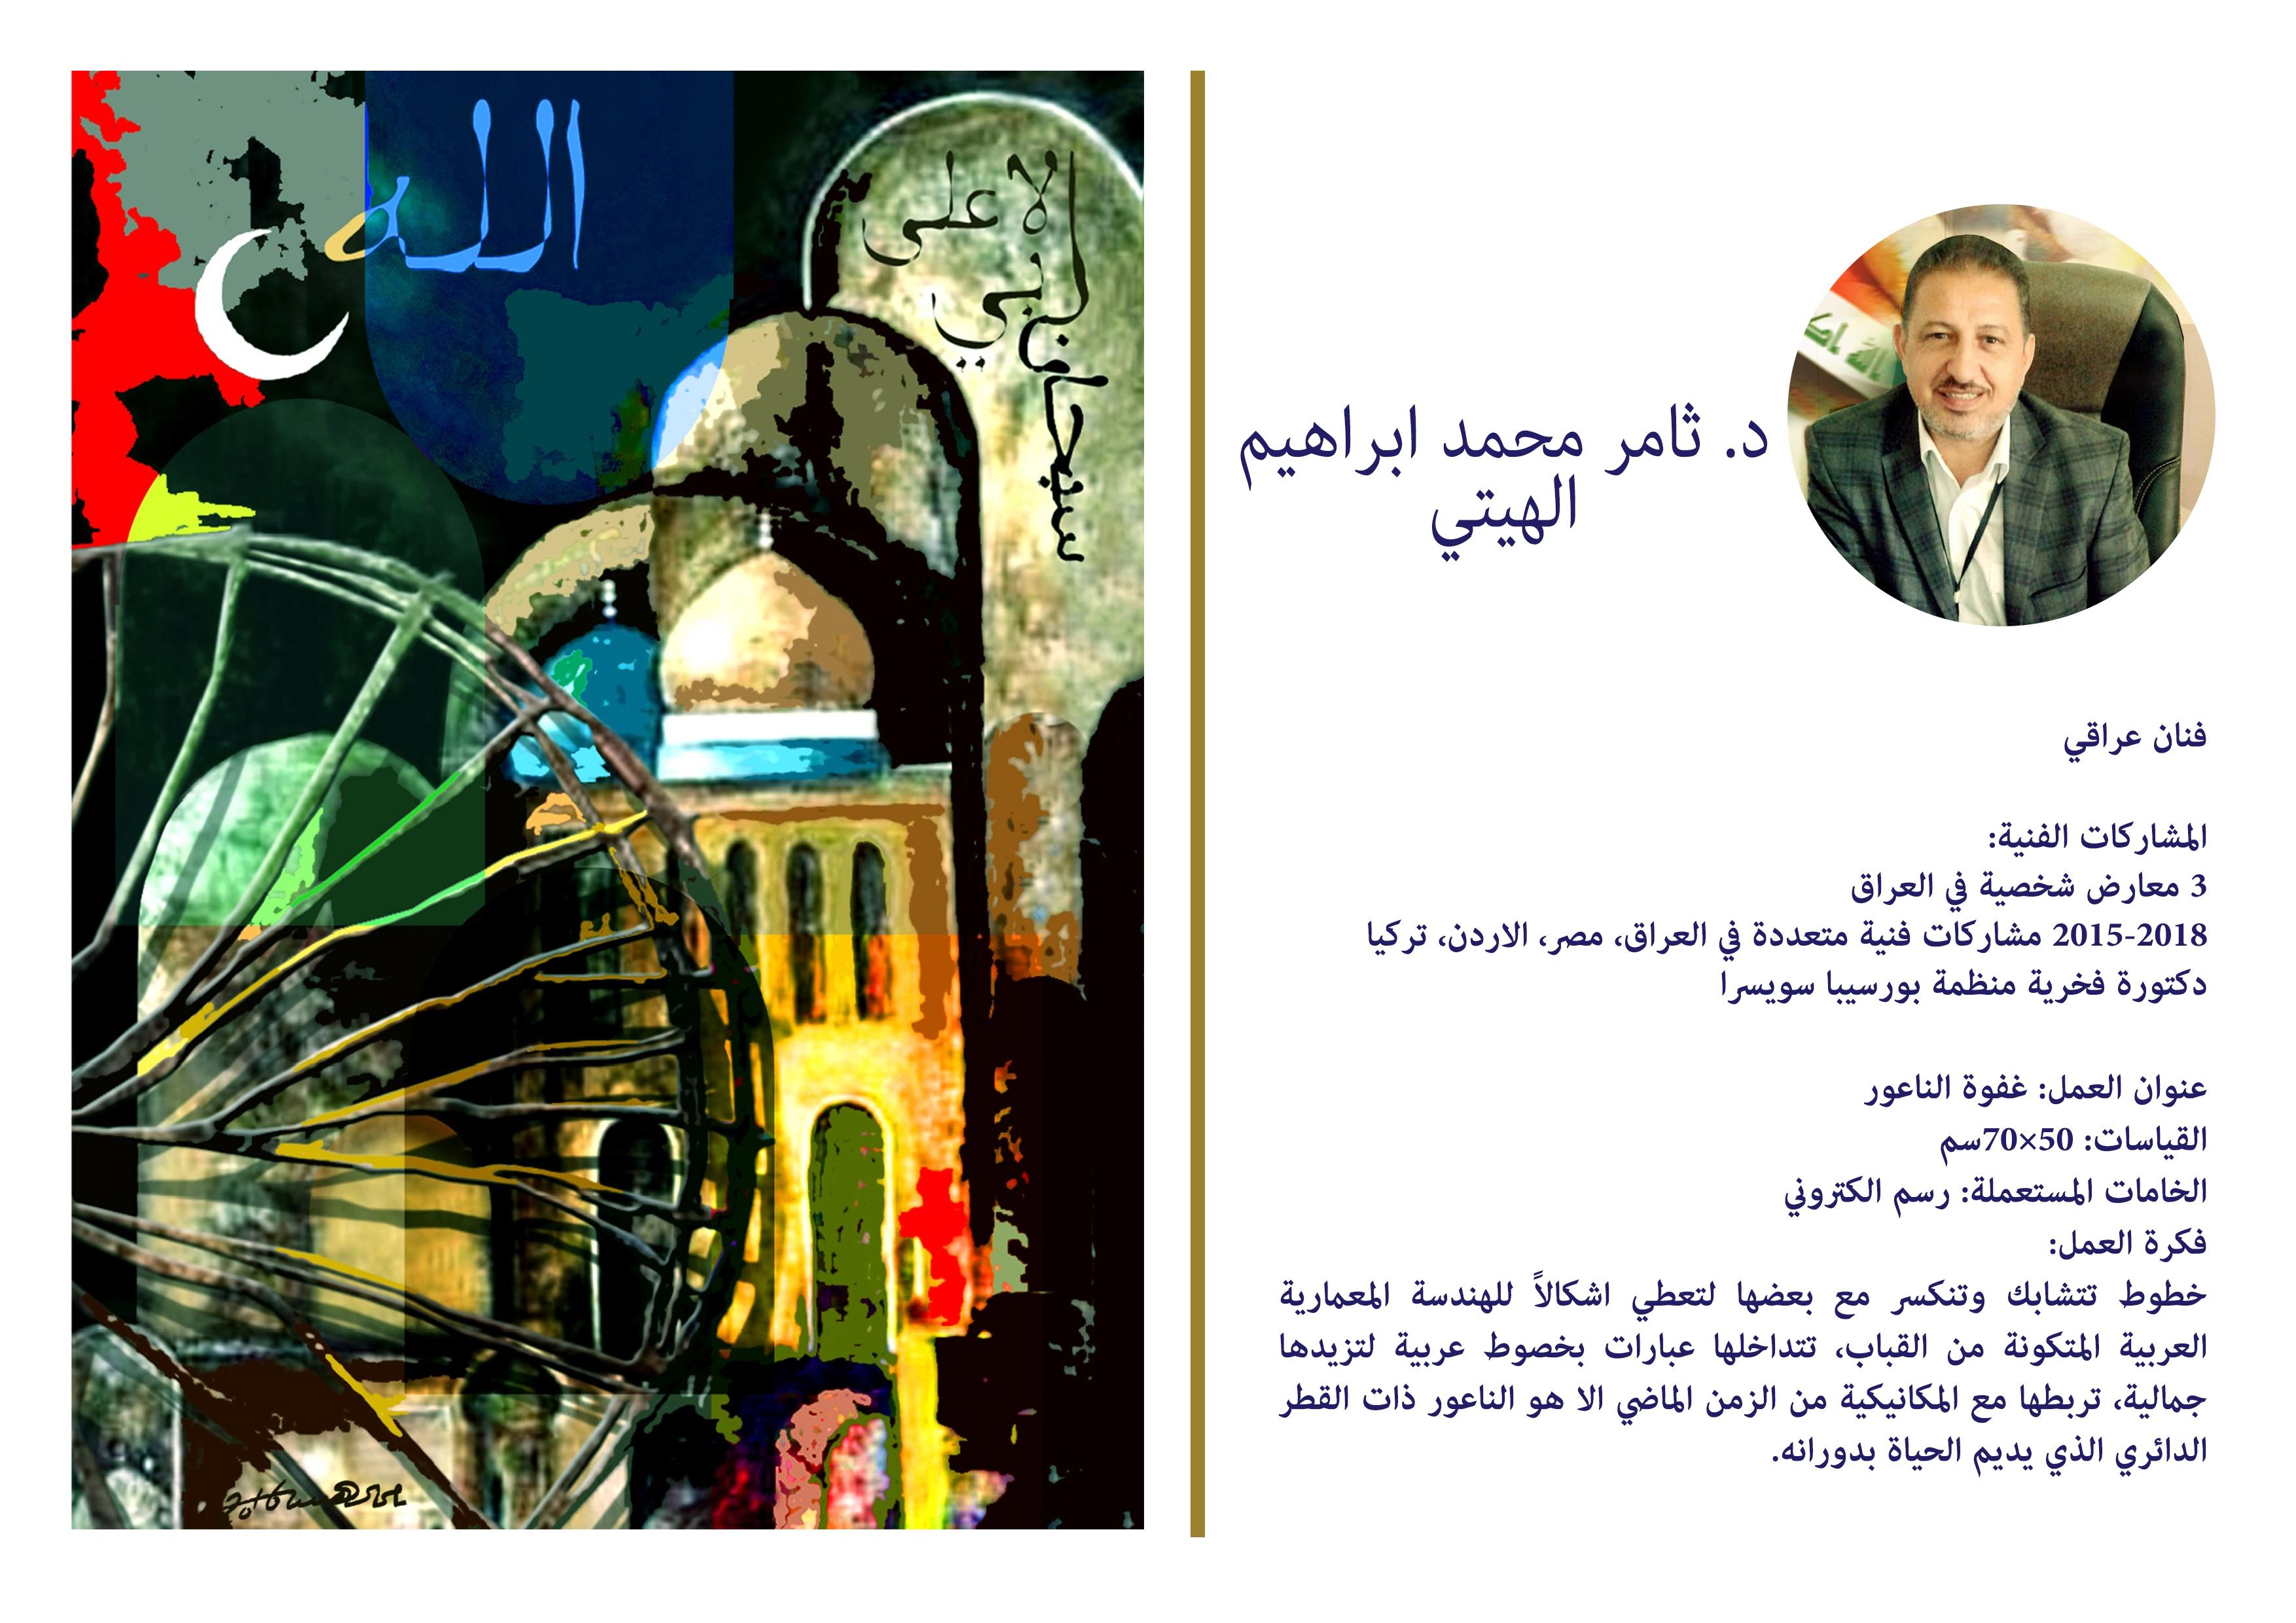 د. ثامر محمد الهيتي